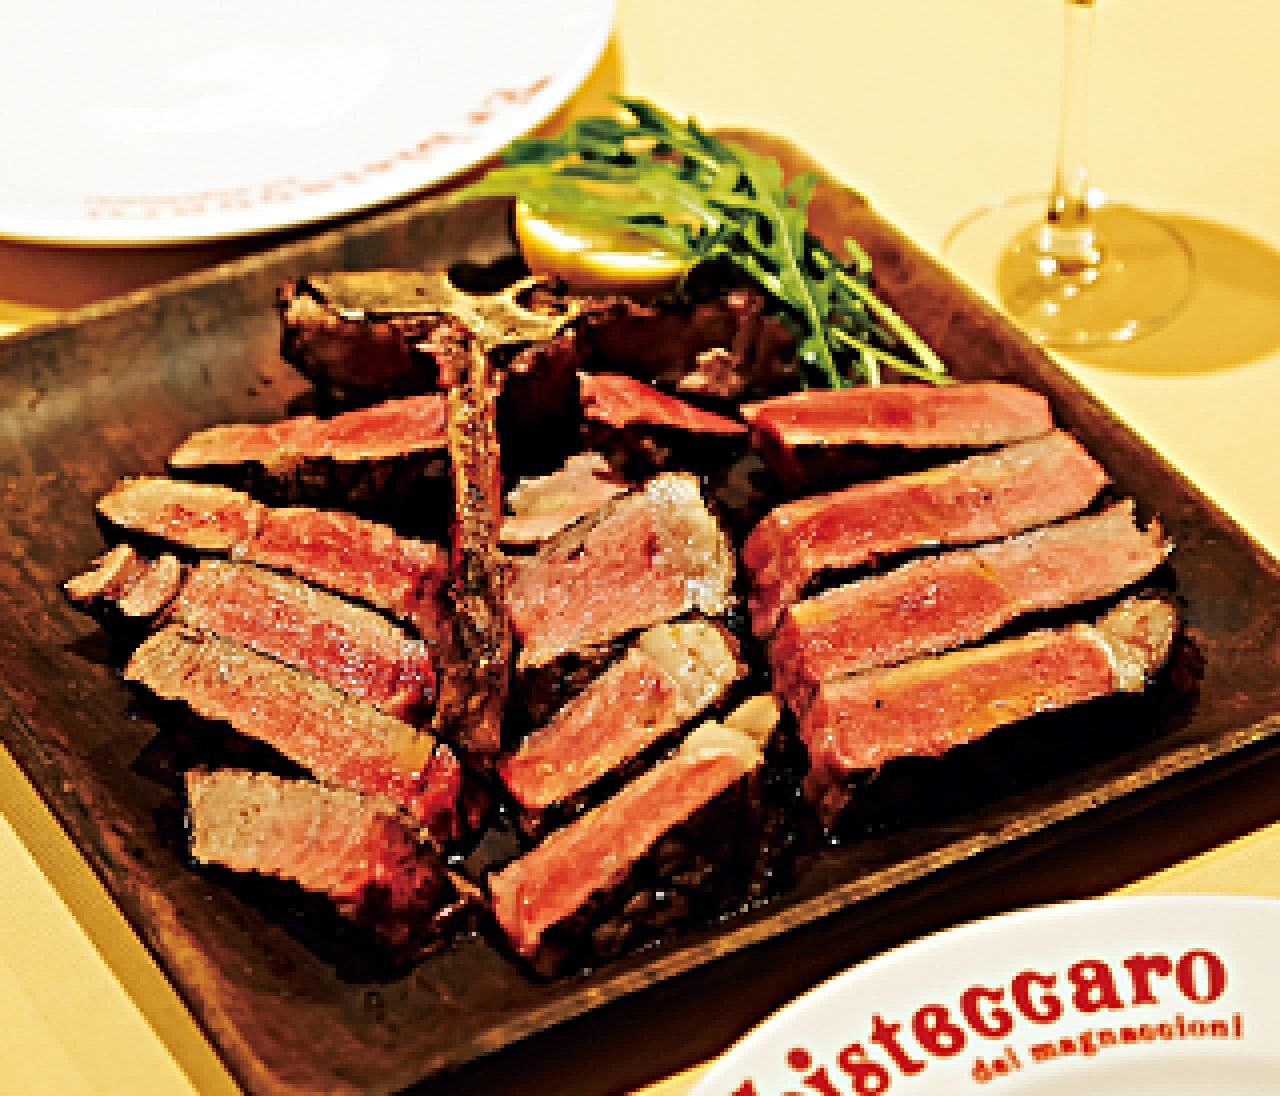 1月29日。今年最初の肉(29)の日です! おいしいお肉のレストランまとめ